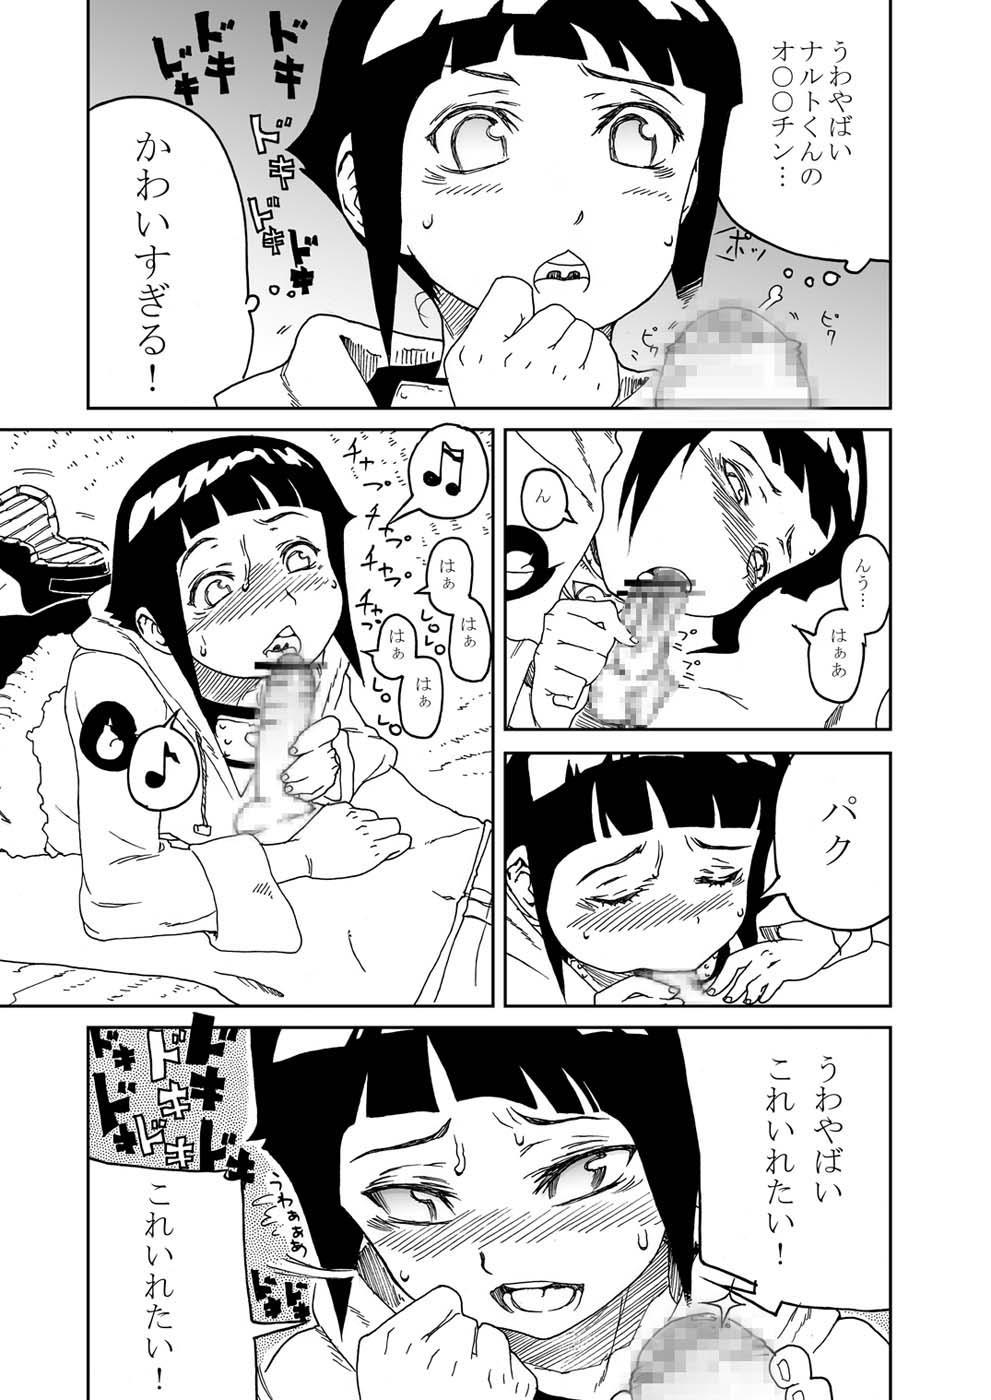 Anata Shika Mienai 10